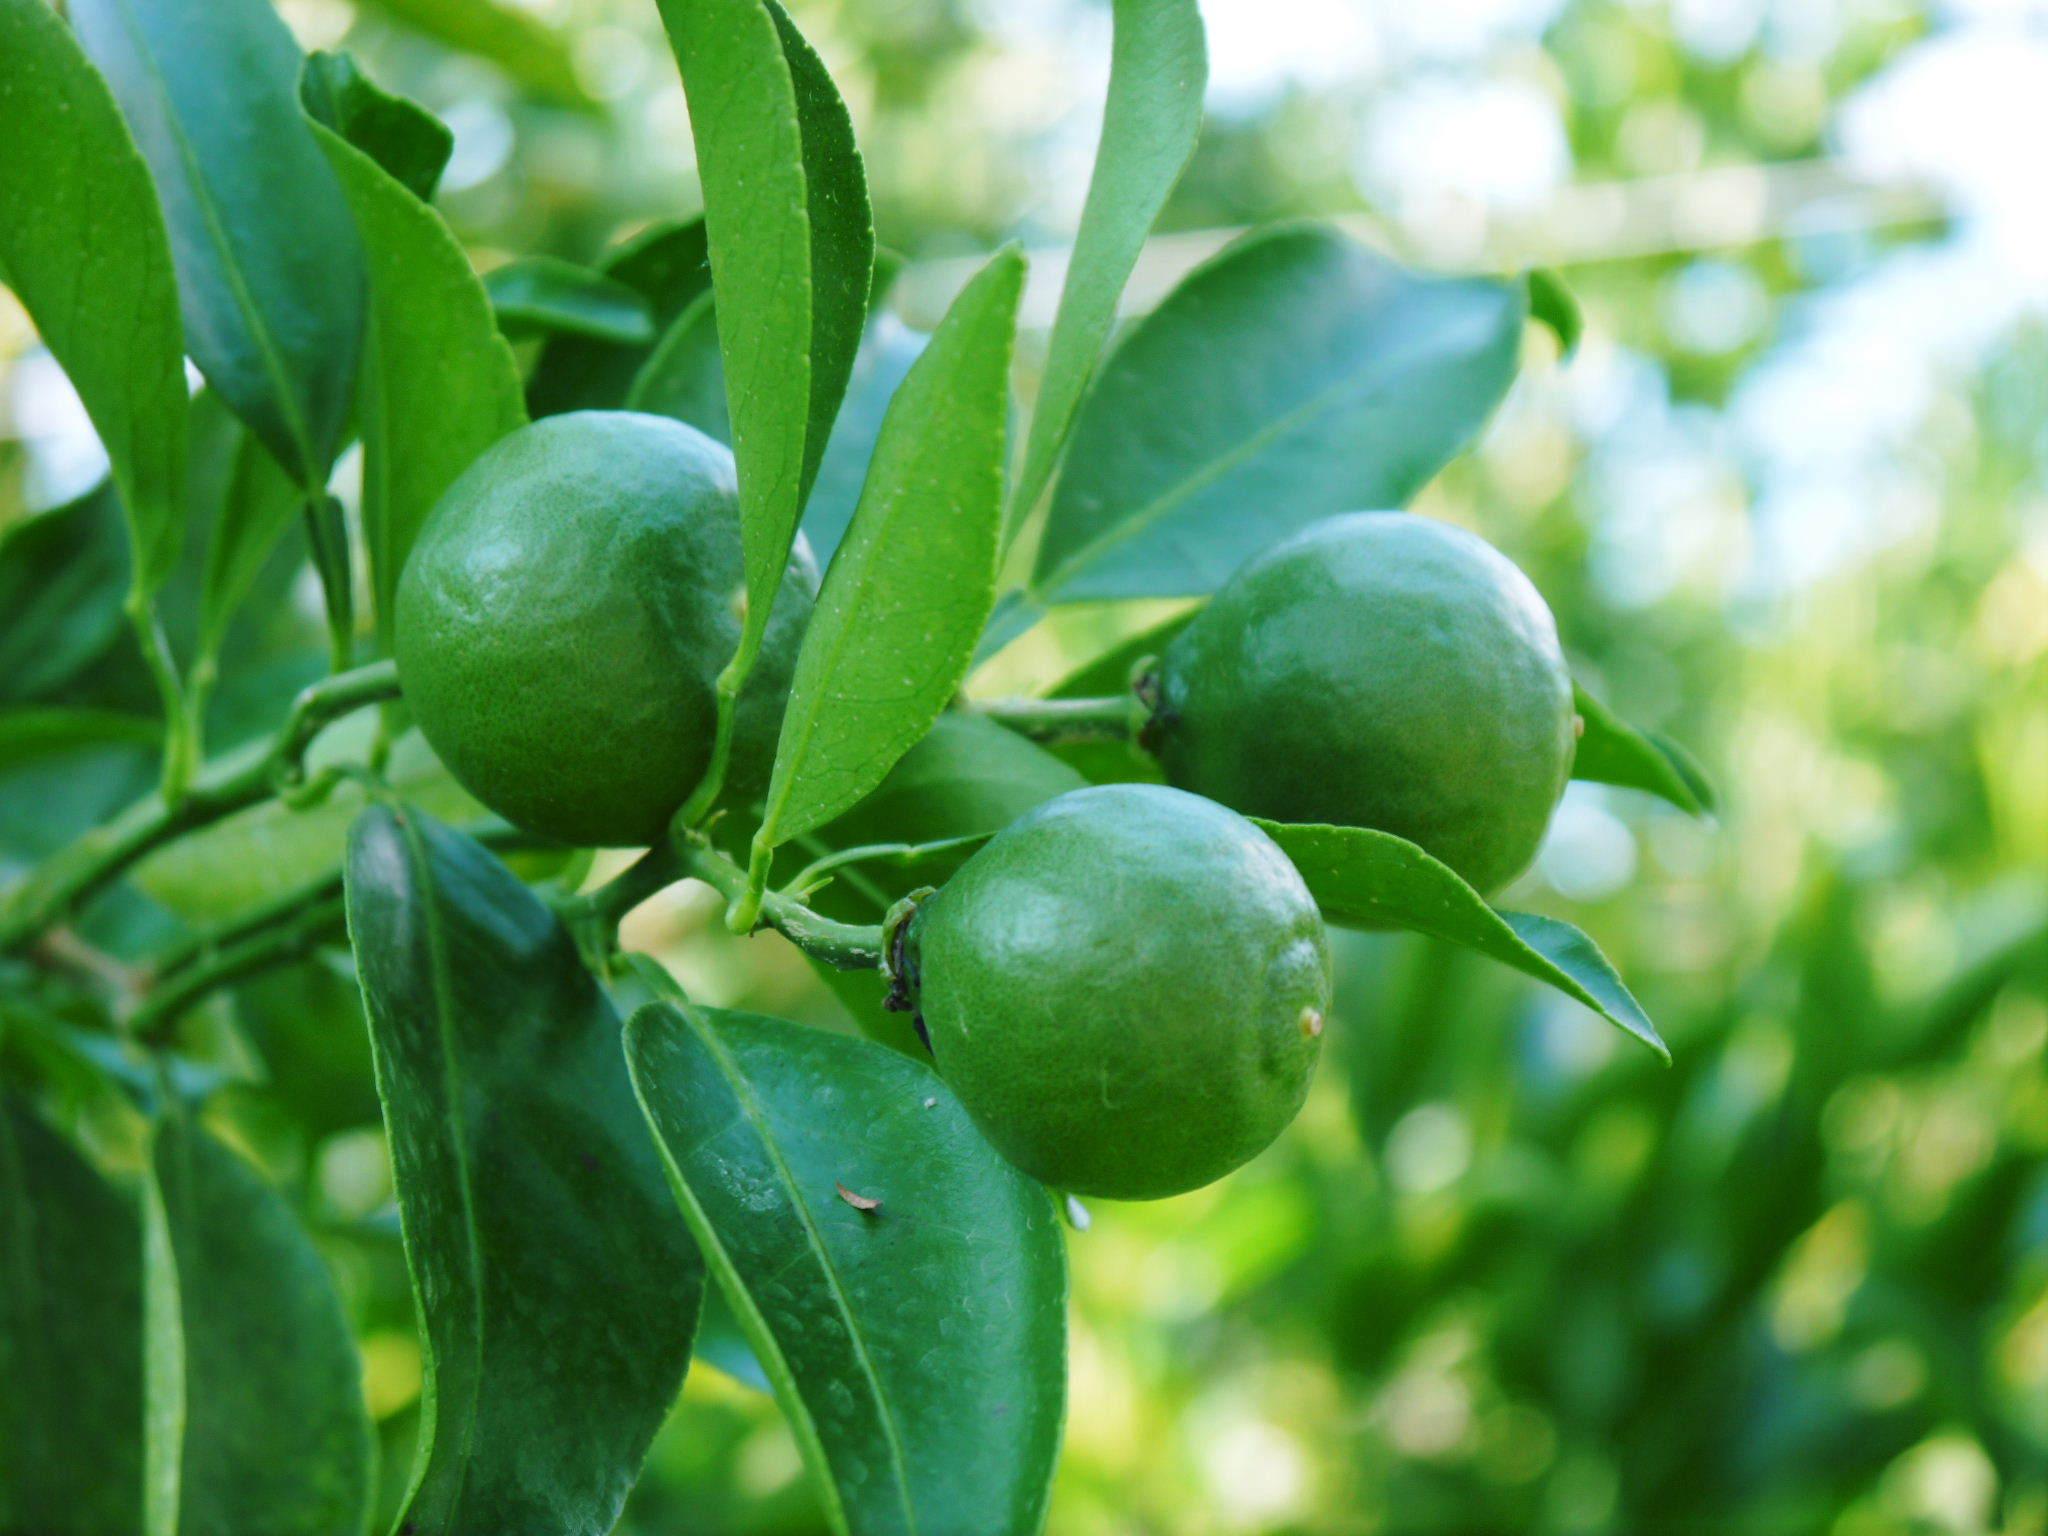 究極の柑橘『せとか』 令和3年度の収穫に向け、着果後の成長の様子を現地取材 してきました!_a0254656_19363770.jpg